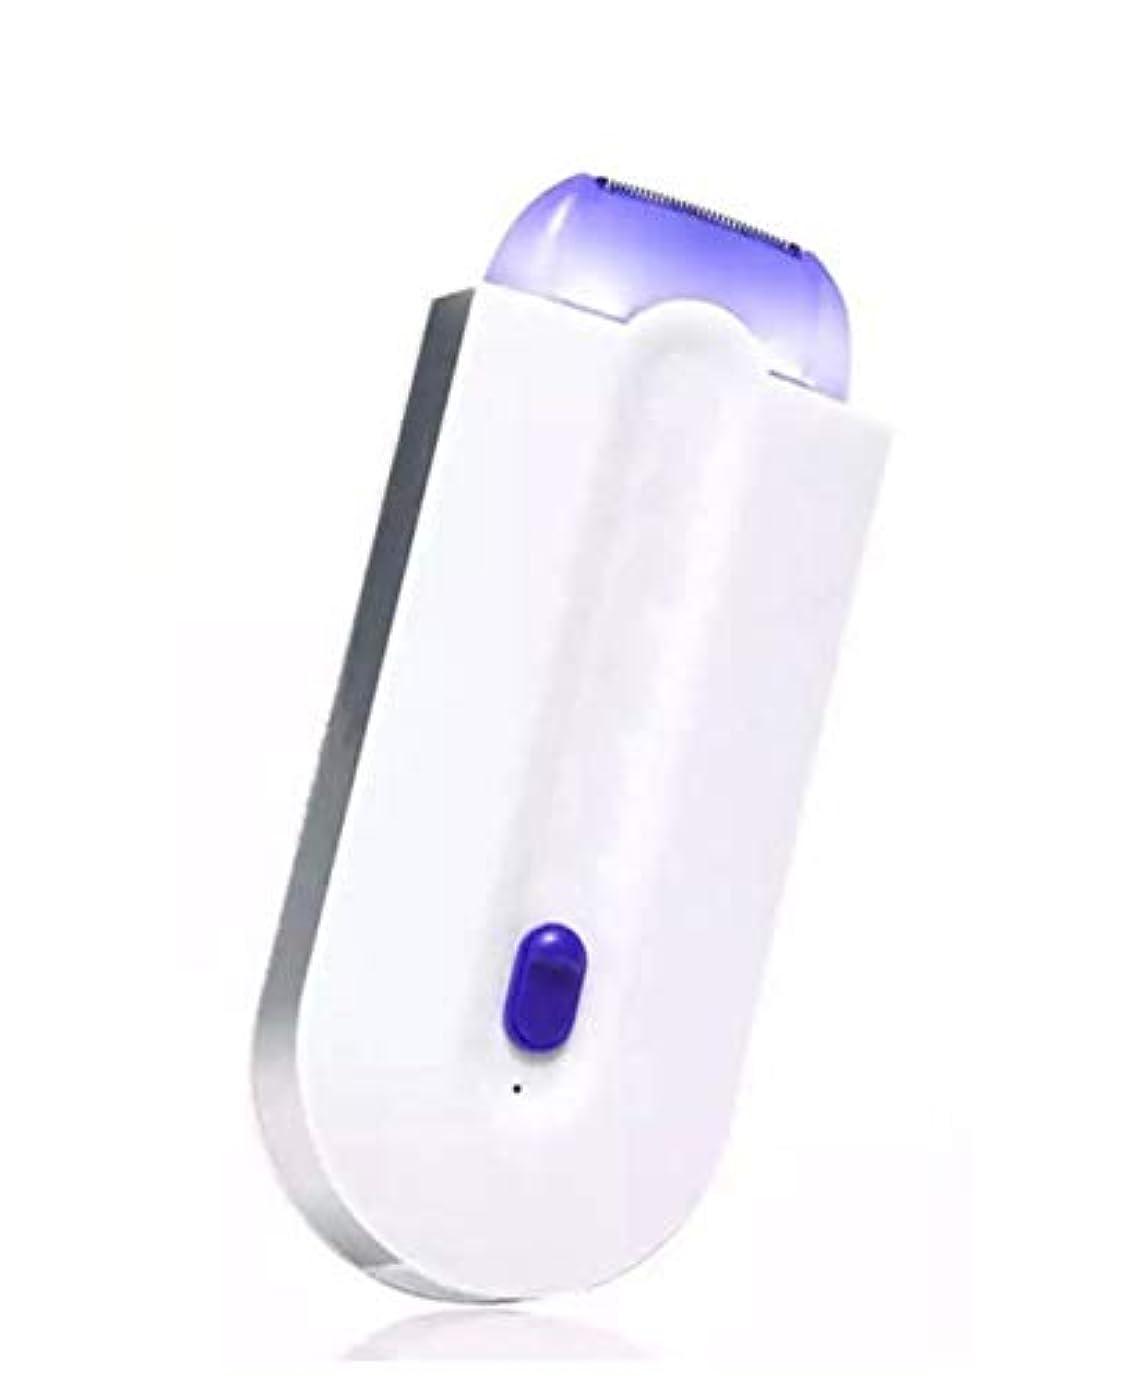 お願いします管理者摘むPANGU-ZC 誘導シェーバーブルーレイレディーヘアリムーバルデバイス痛みのないシェービングマシンシェービングマシン - 脱毛器 7702